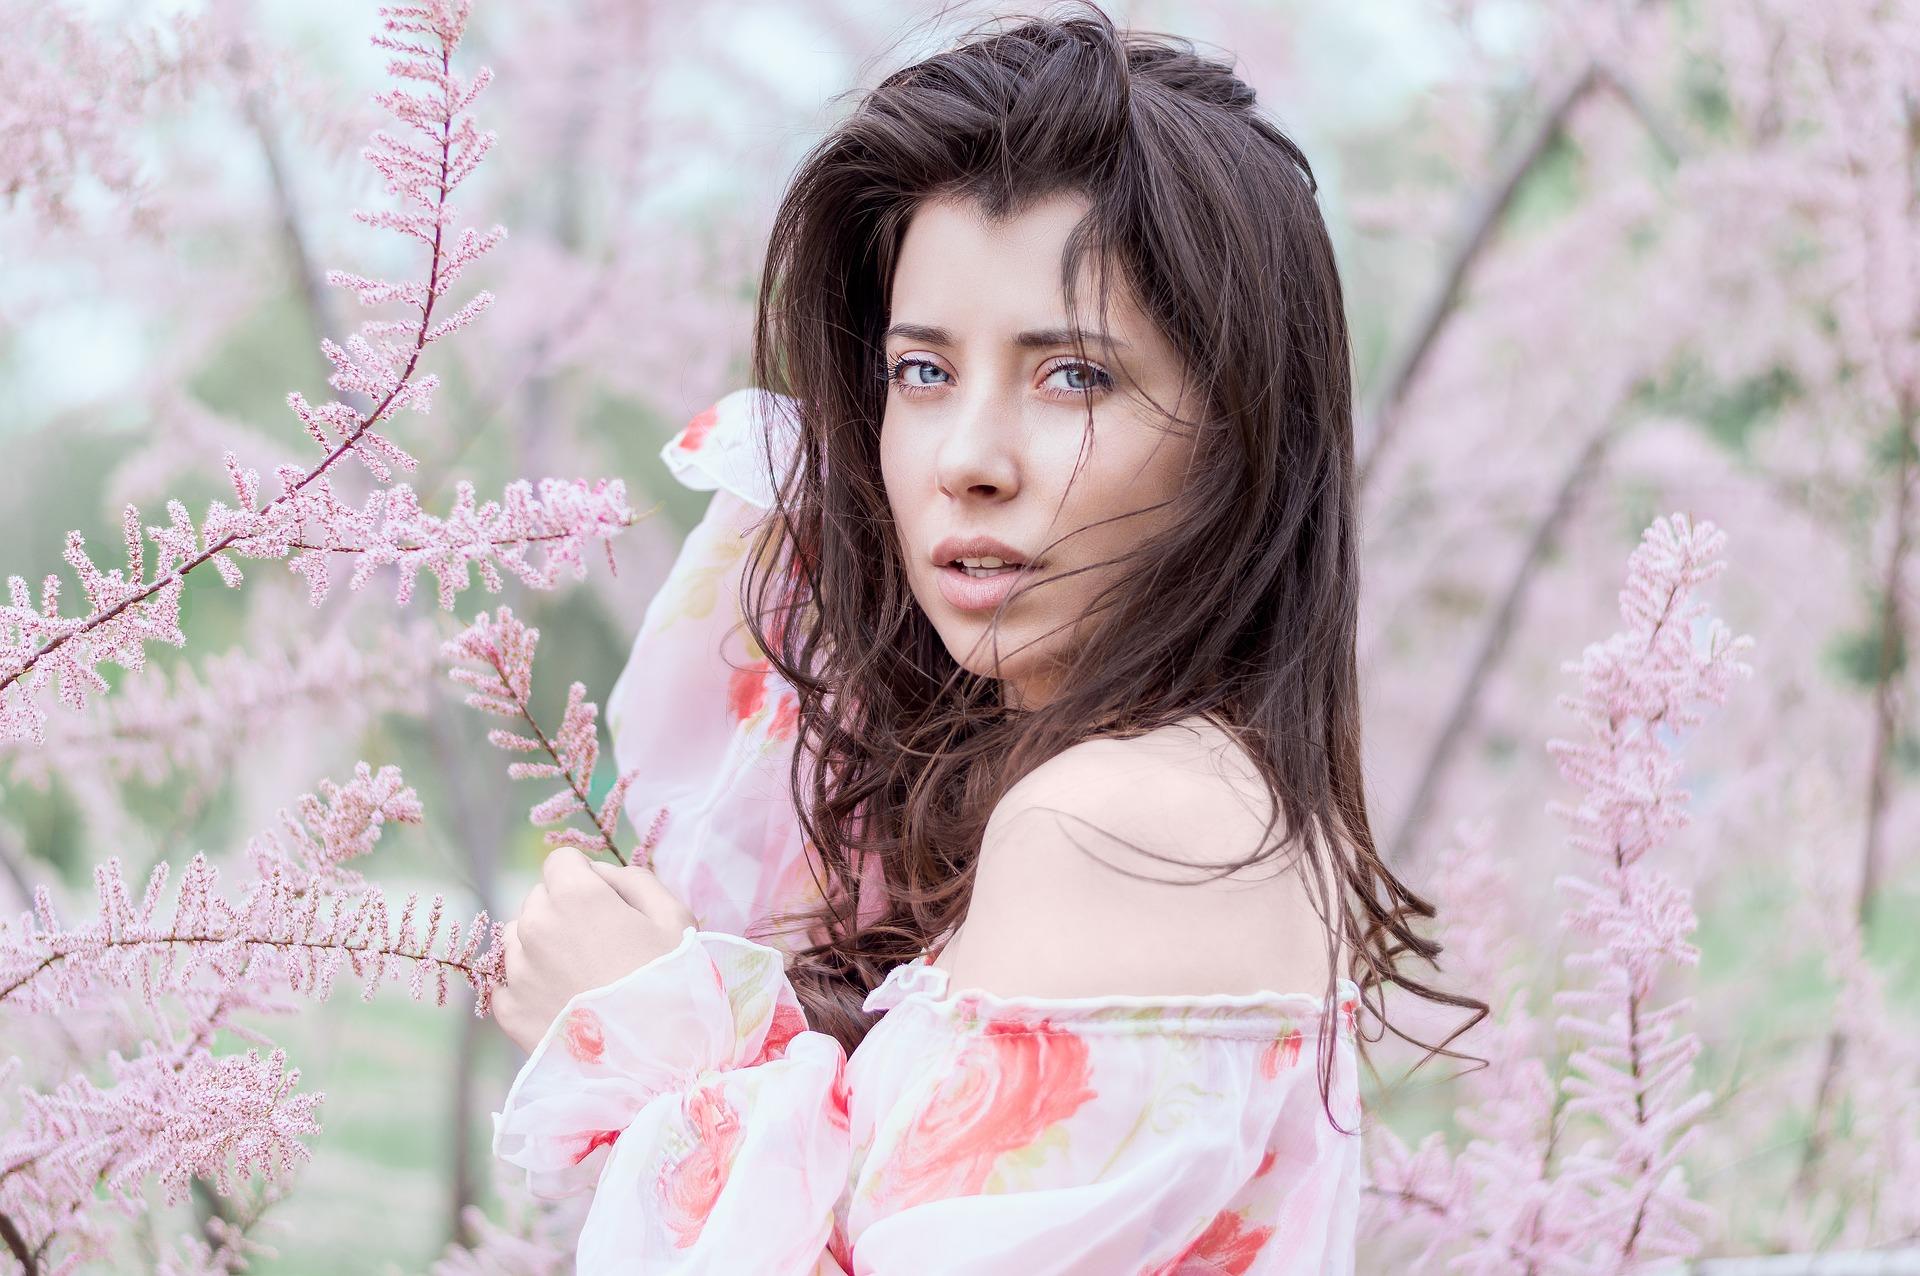 beautiful-1845100_1920.jpg